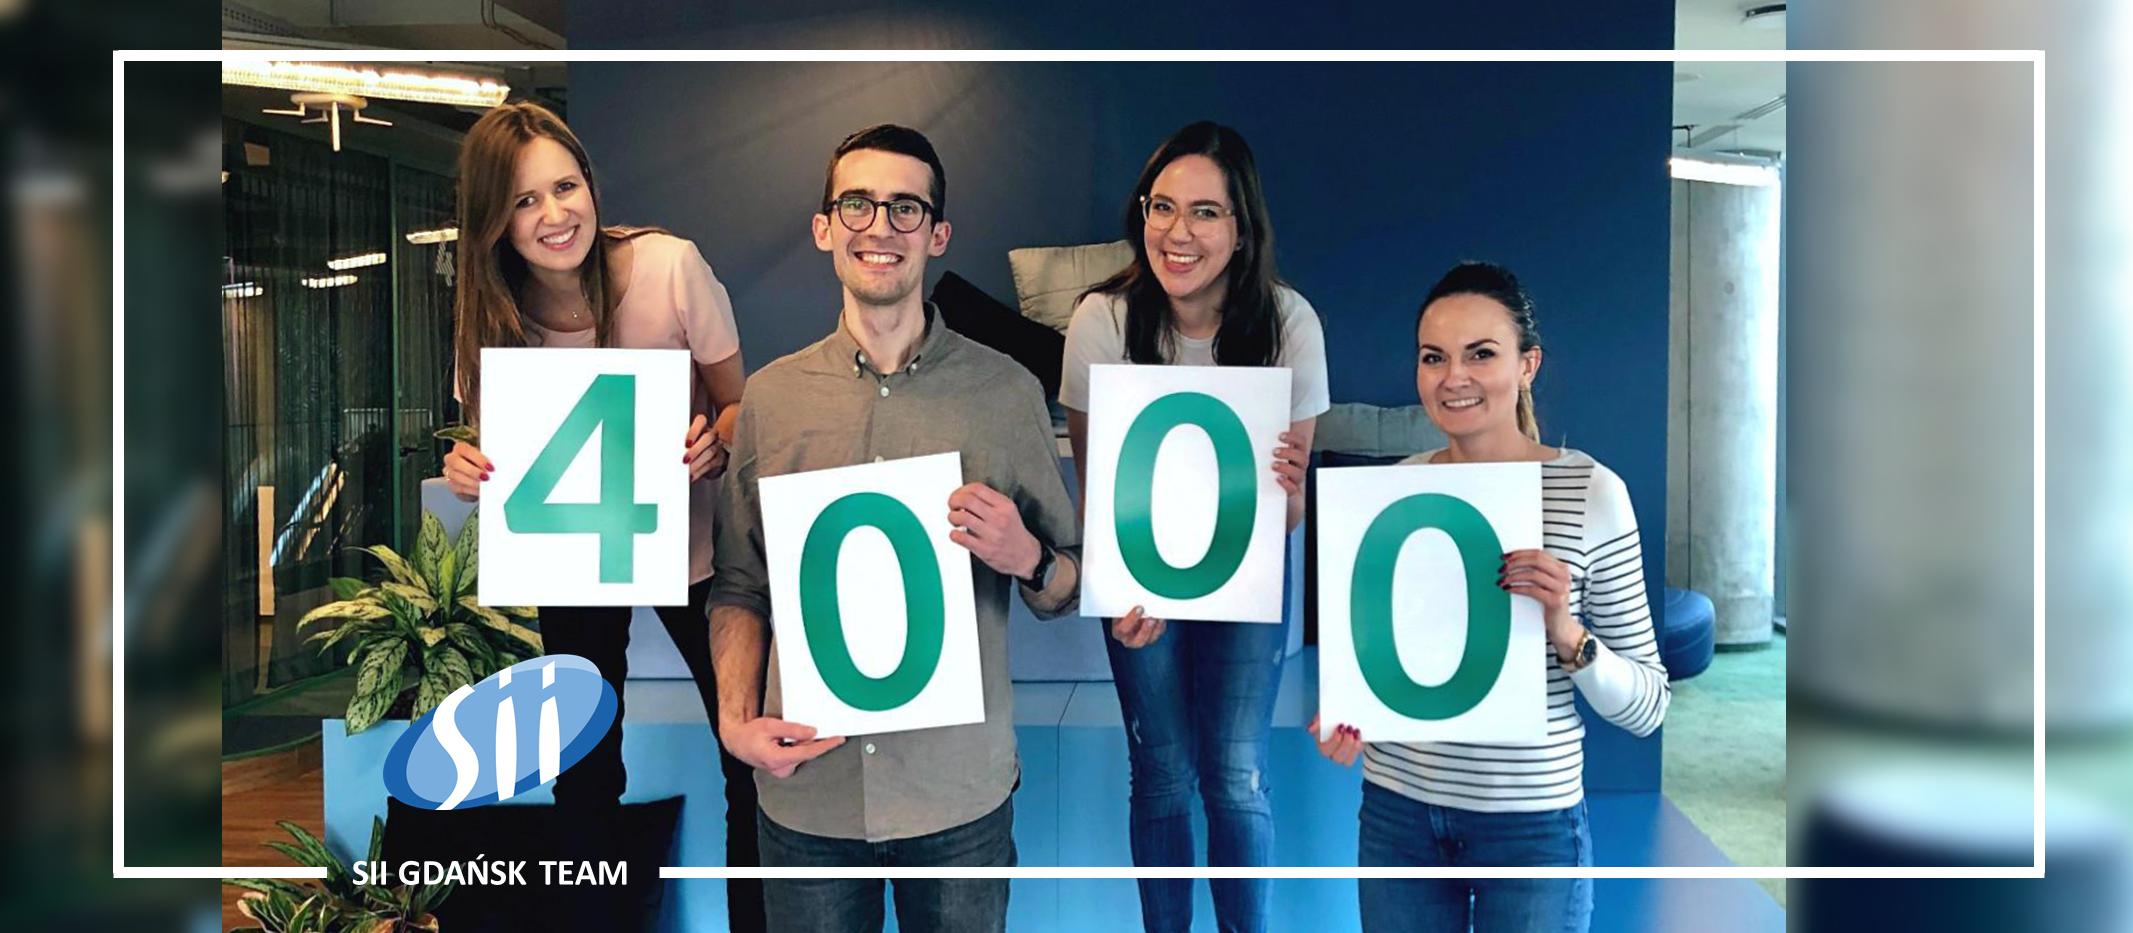 Sii świętuje 4 000 pracowników w 12 lokalizacjach i jest gotowe na więcej!